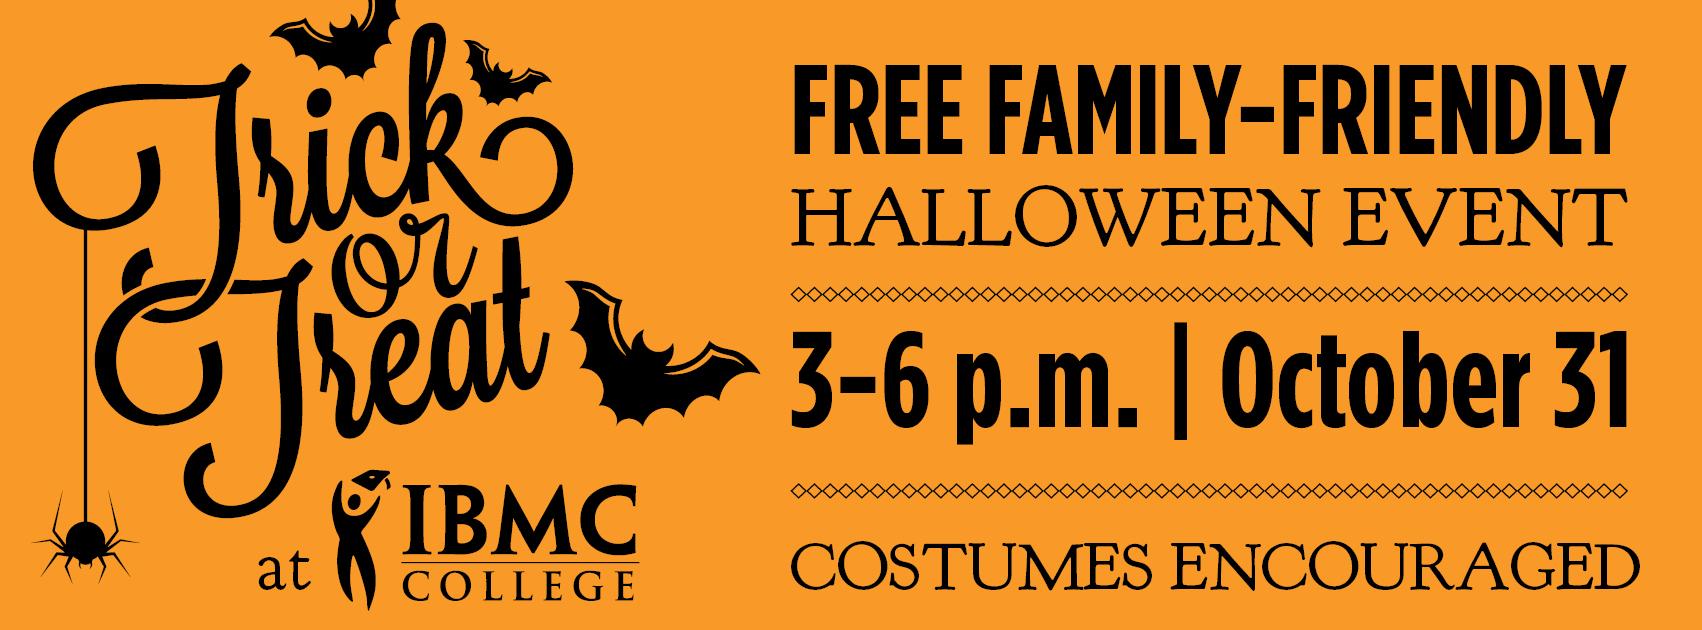 ibmc-facebook-cover-photo-0816-halloween